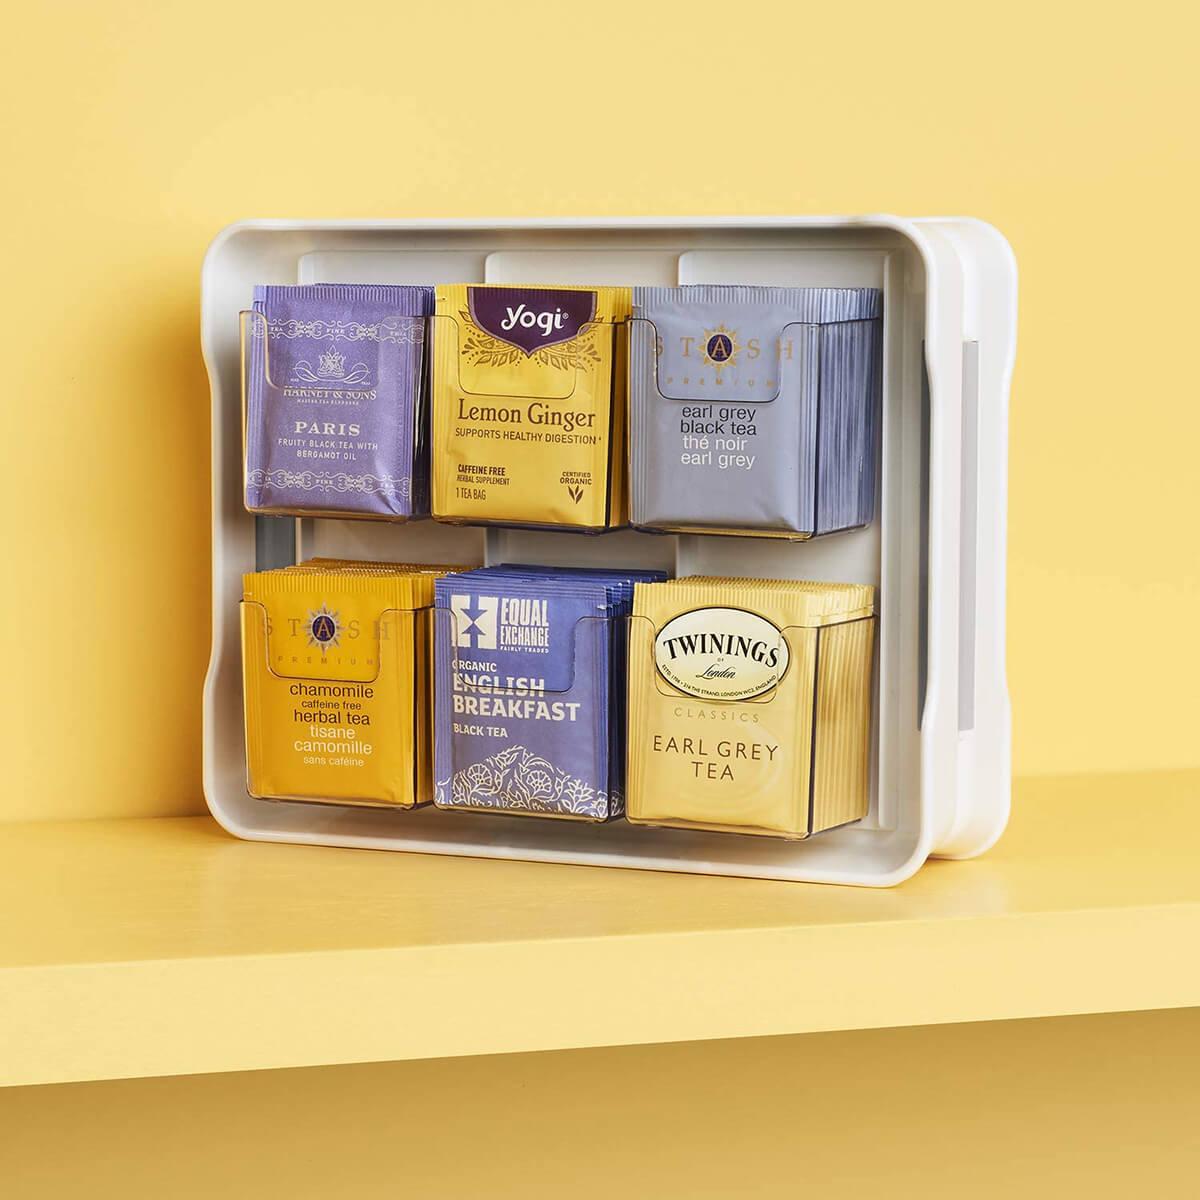 Tea Bag Holder and Display Case